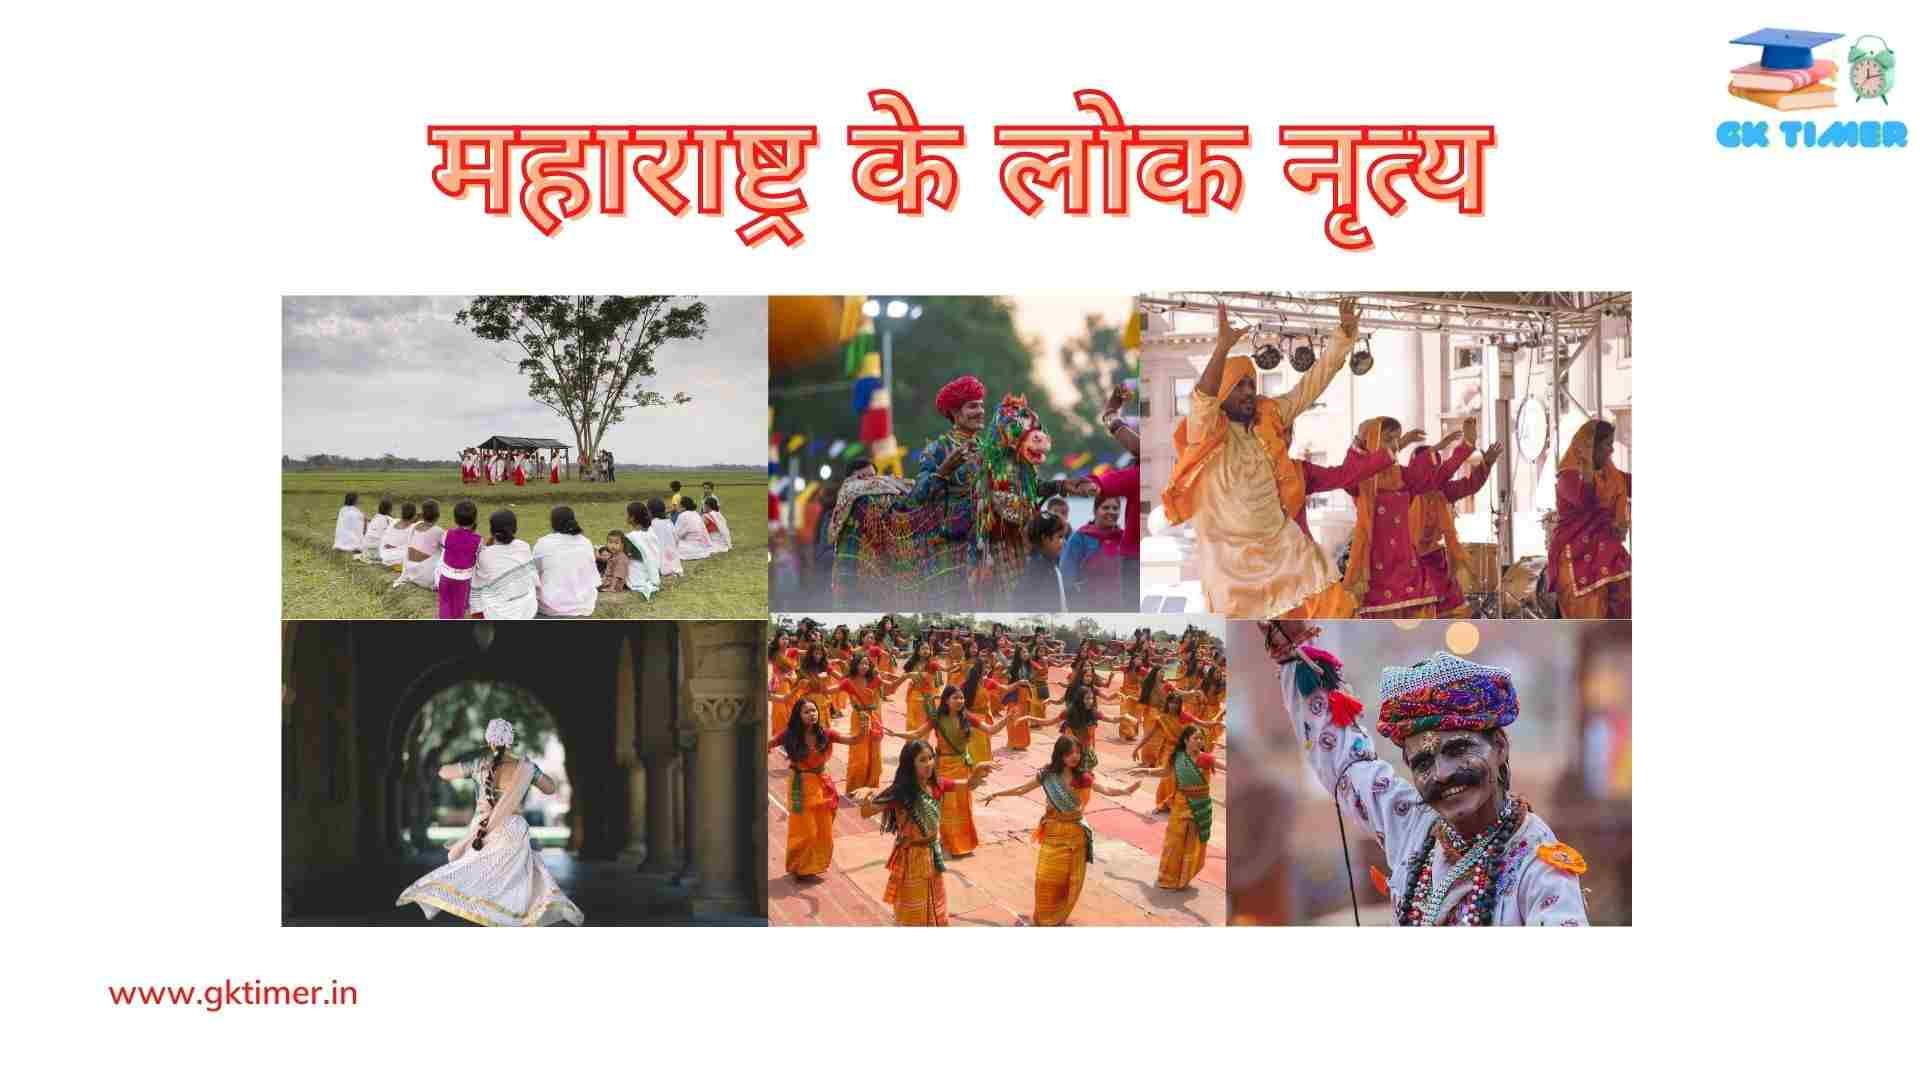 महाराष्ट्र के लोकप्रिय लोक नृत्य(लावणी, तमाशा, कोकिल, डिंडी, धंगारी गज) | Traditional folk dances of Maharashtra in Hindi